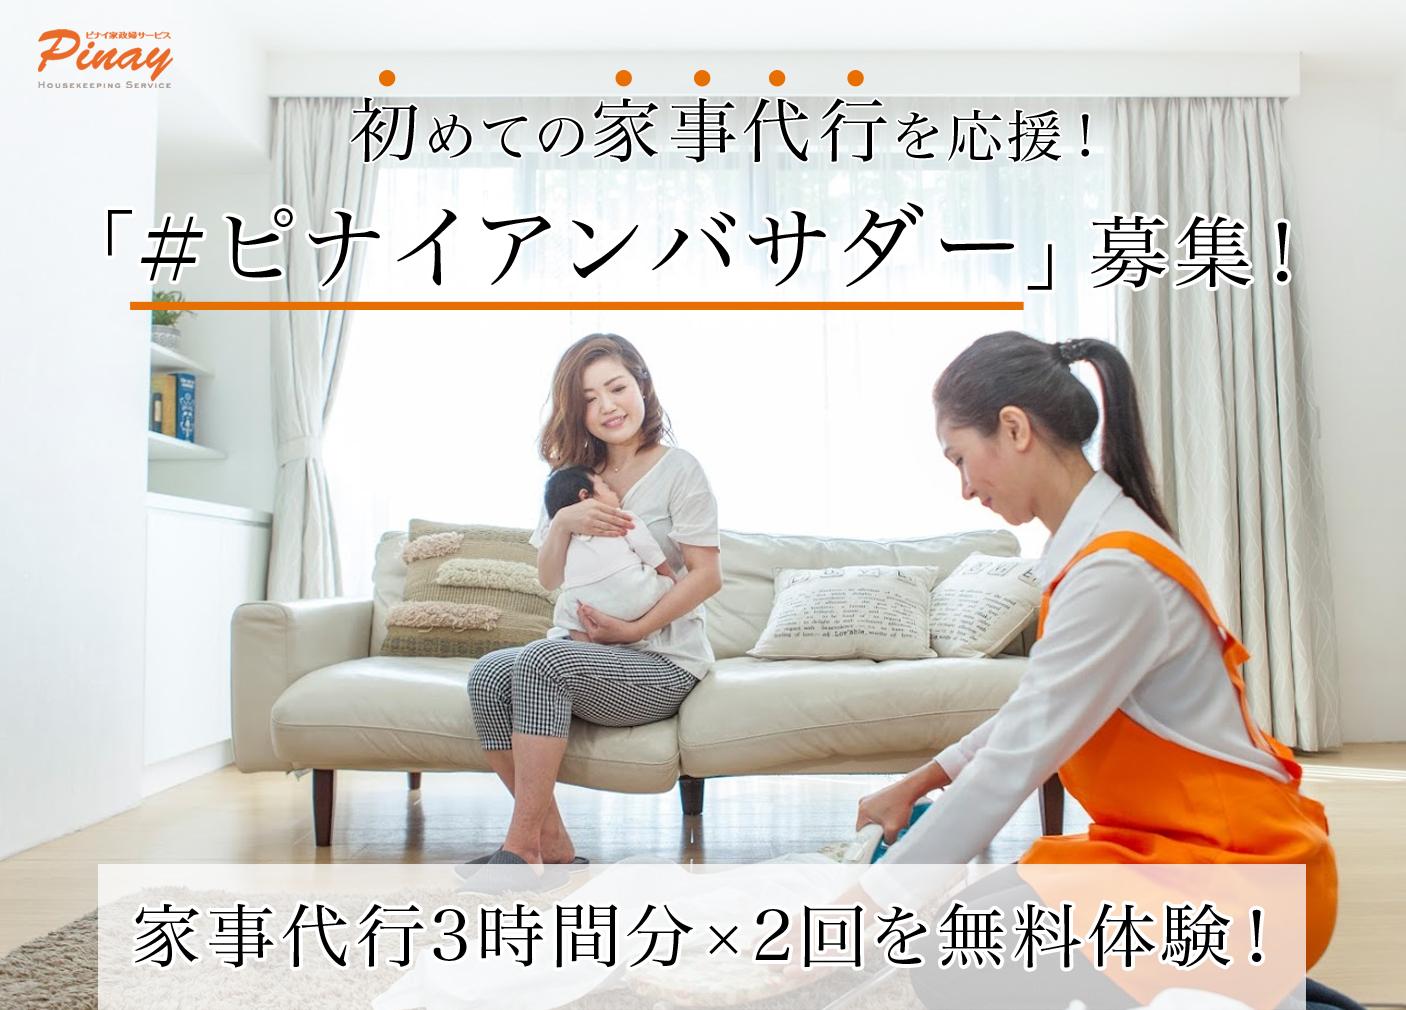 家事代行の「ピナイ家政婦サービス」が公式アンバサダーを募集開始 ...